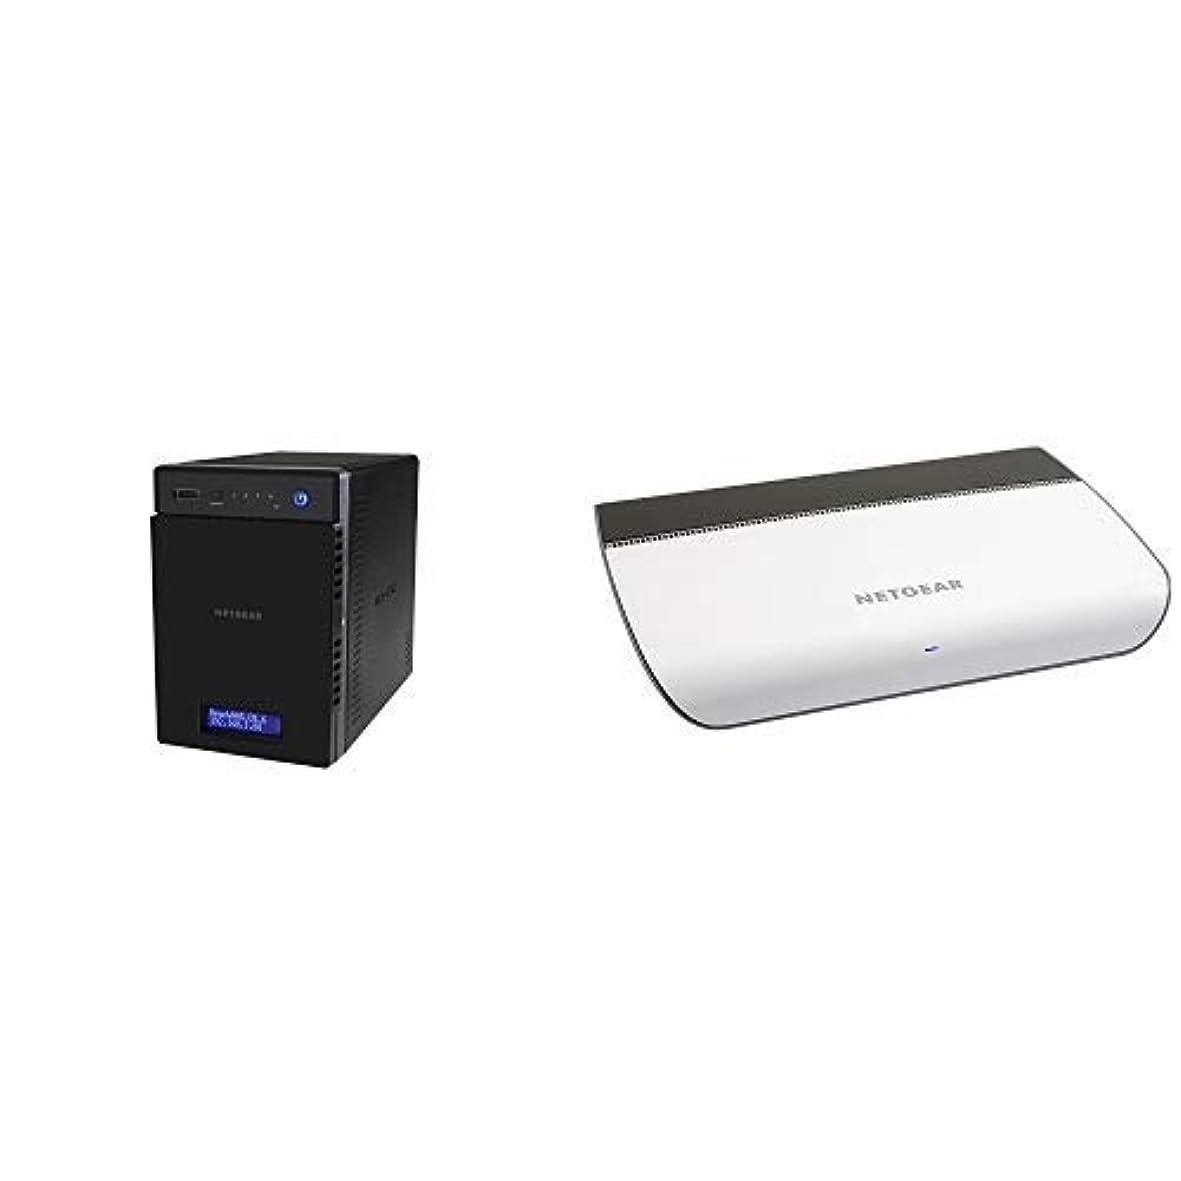 疾患話さようならNETGEAR NAS+スイッチングハブセット:ReadyNAS214 4ベイNAS デスクトップ型 Diskless RN21400-100AJS +スイッチングハブ ギガ 8ポート GS908-100JPS